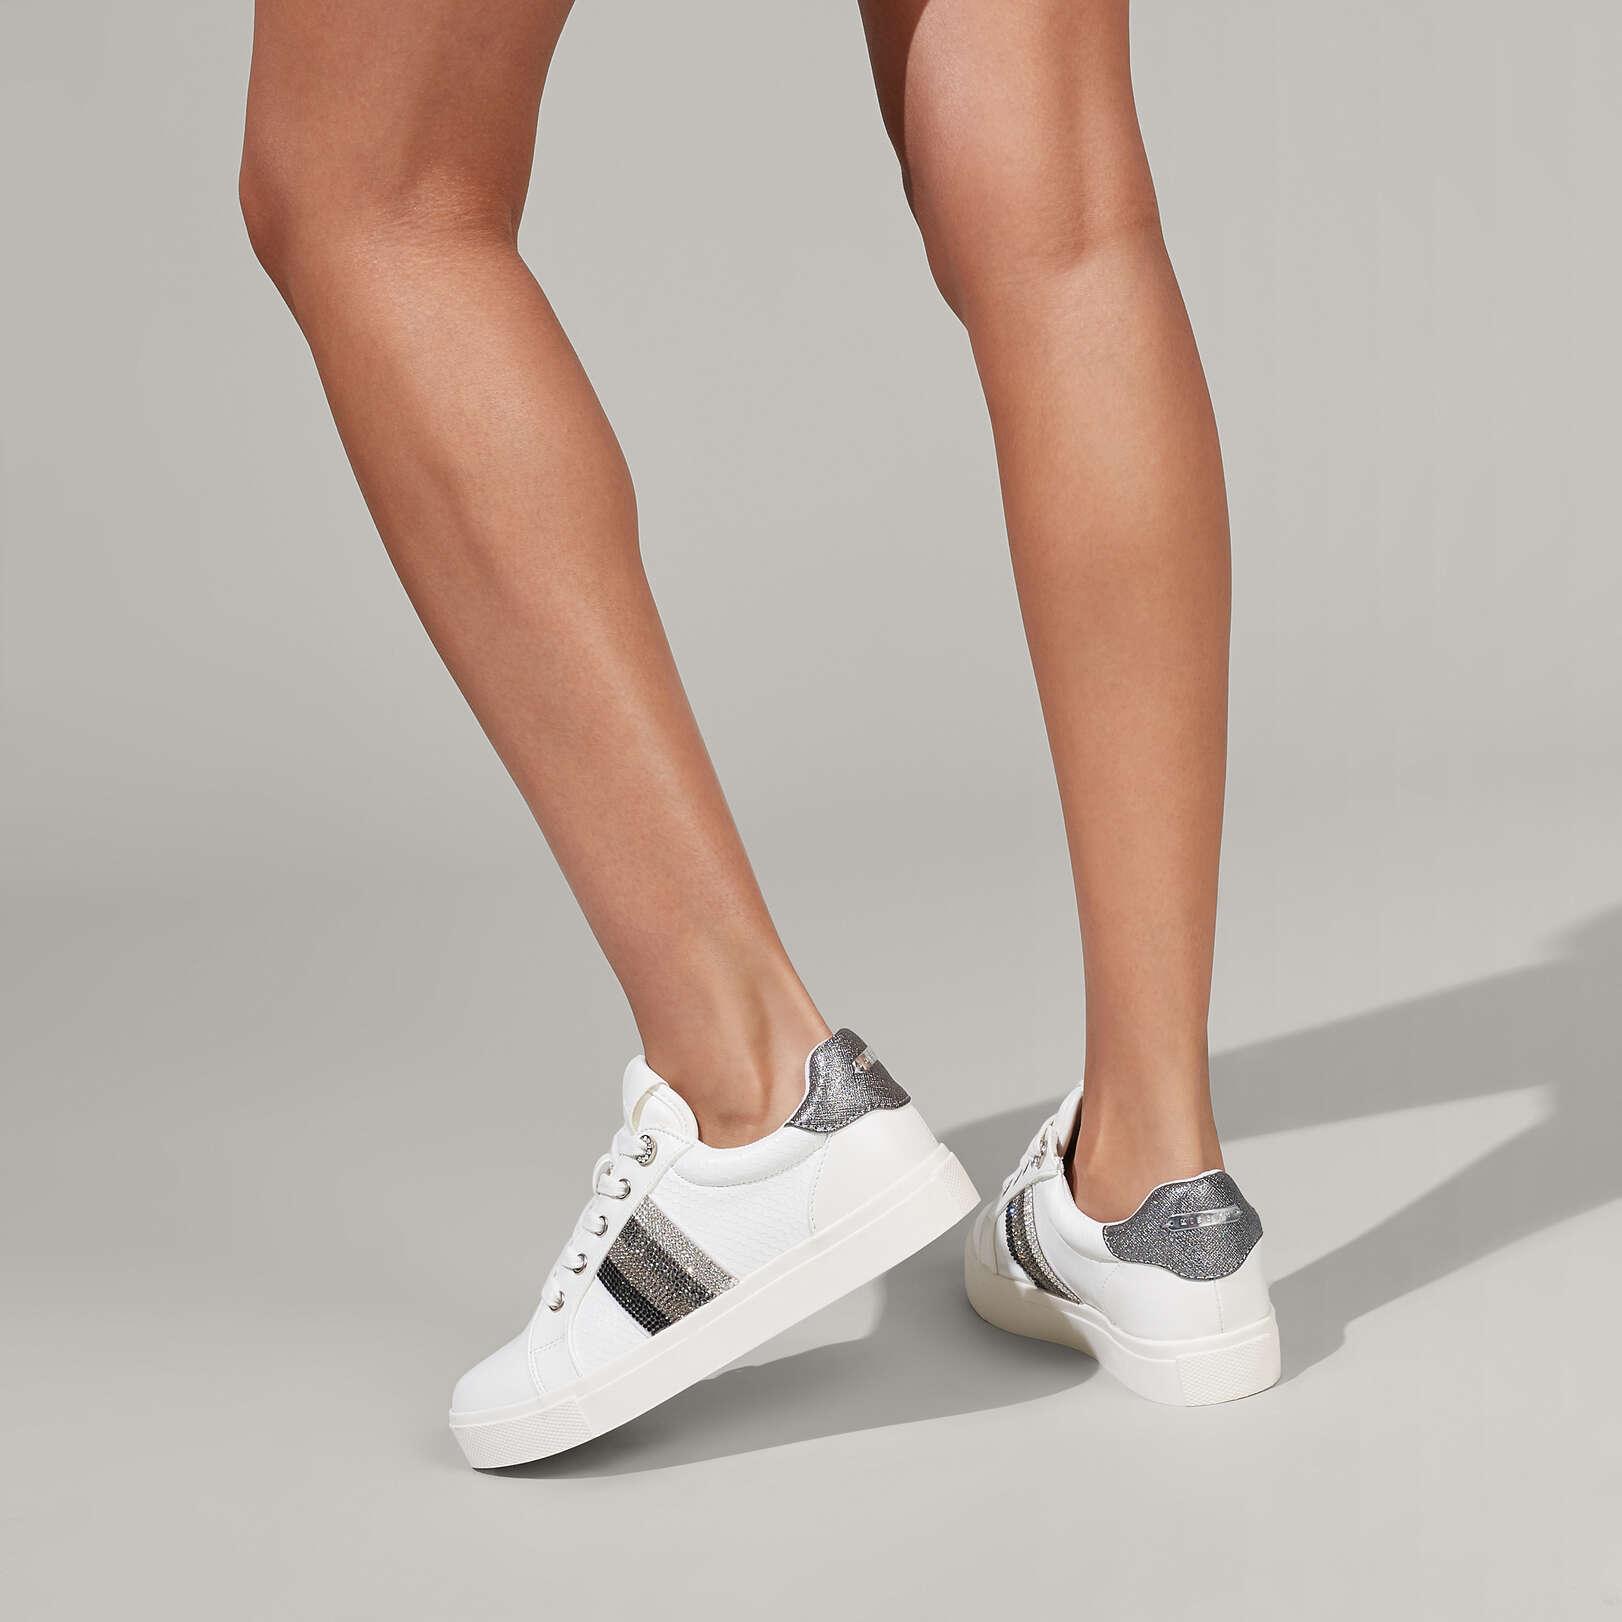 KERRY - MISS KG Sneakers